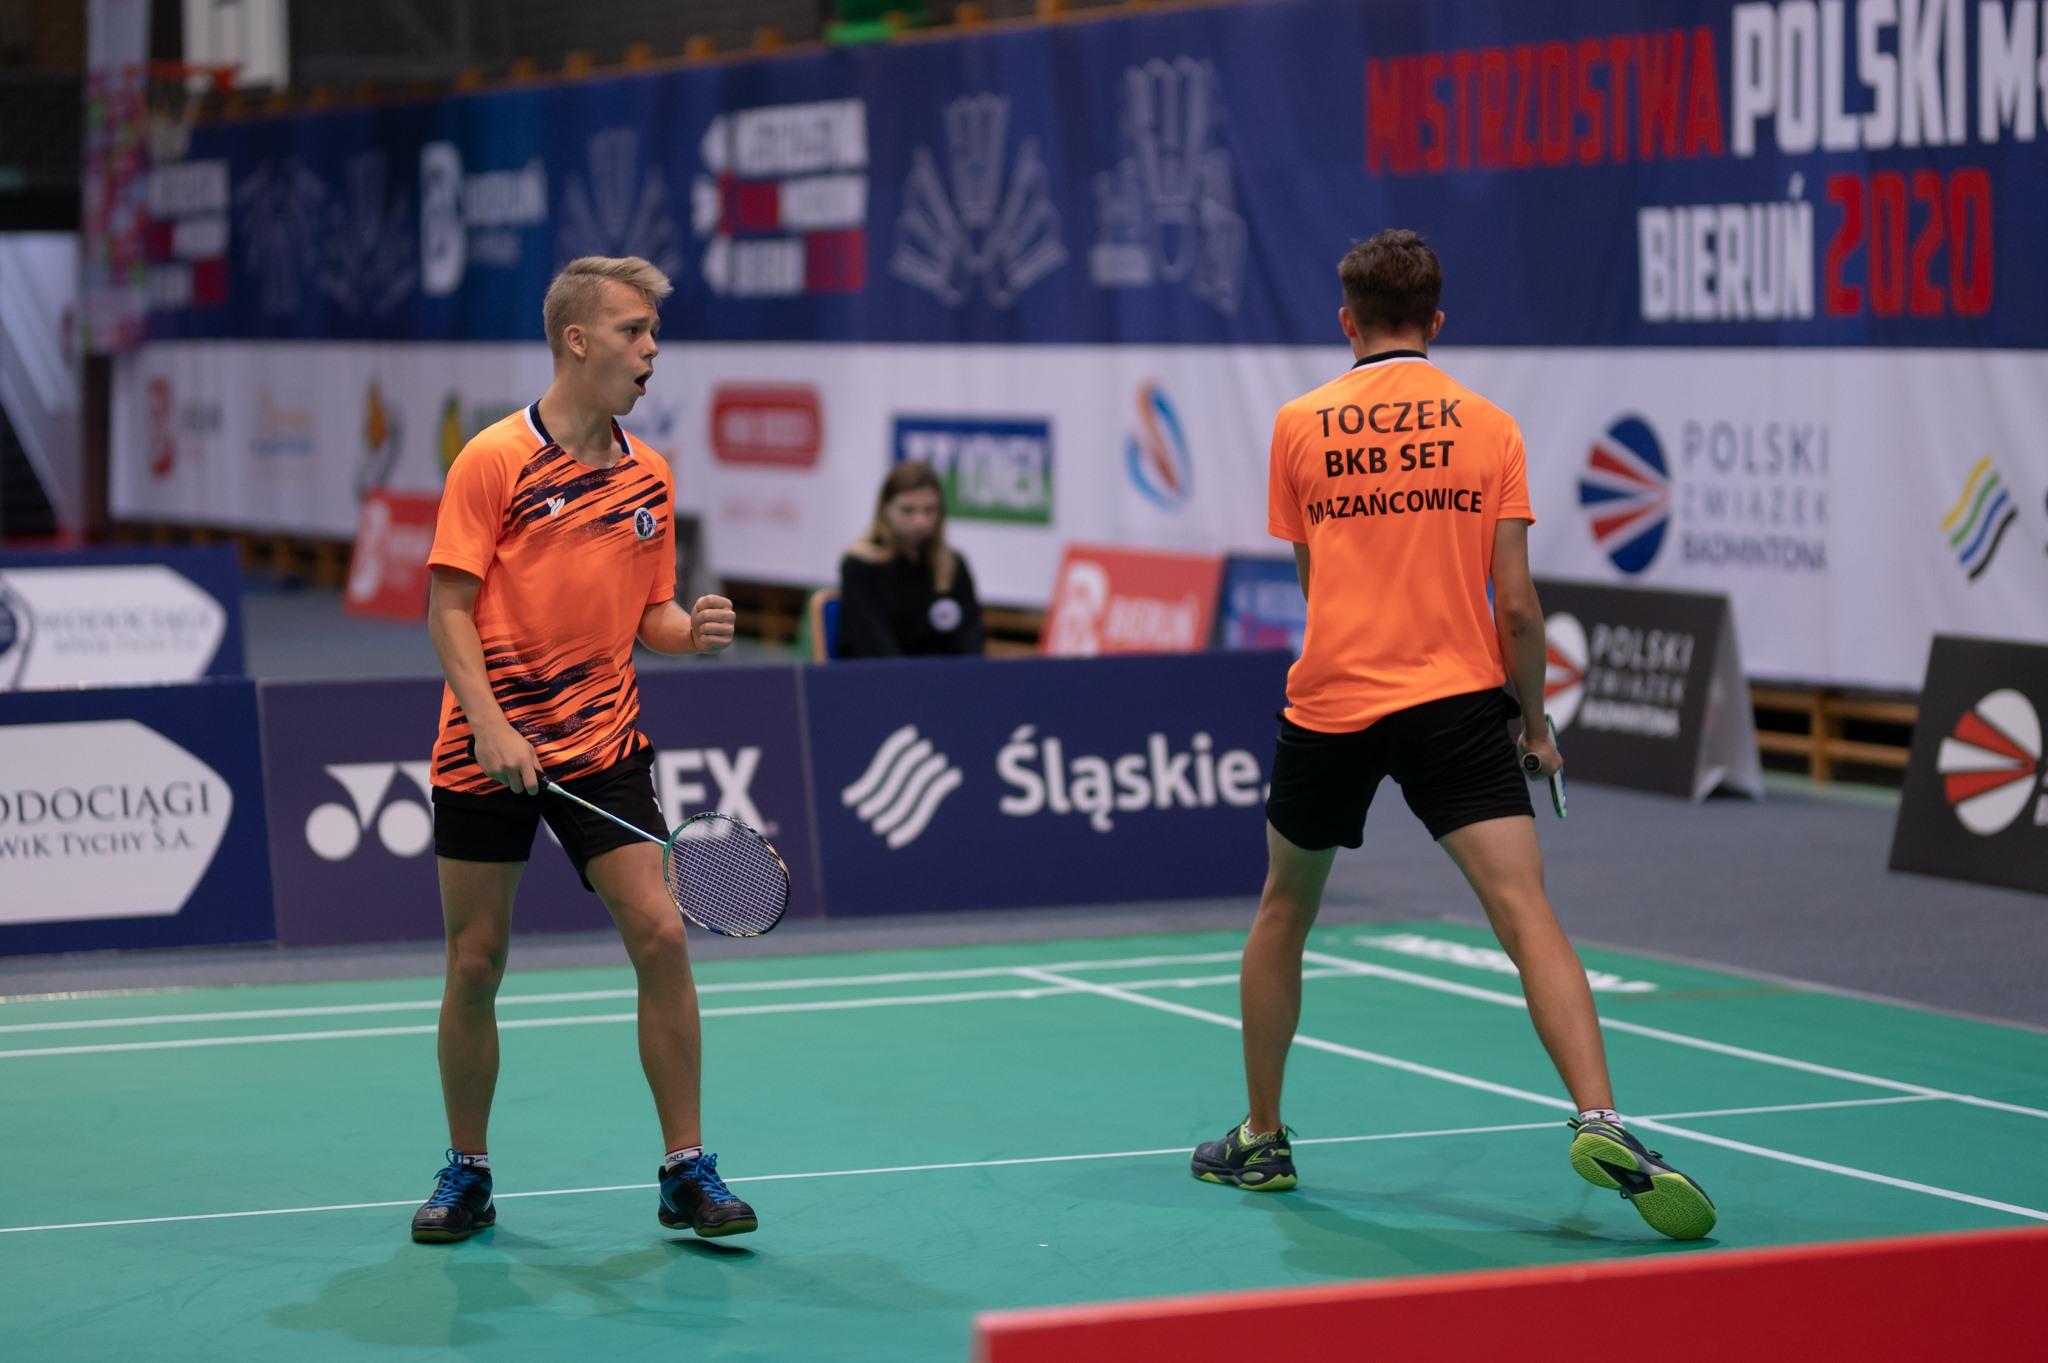 Michał Szczypka i Jacob Toczek podczas gry